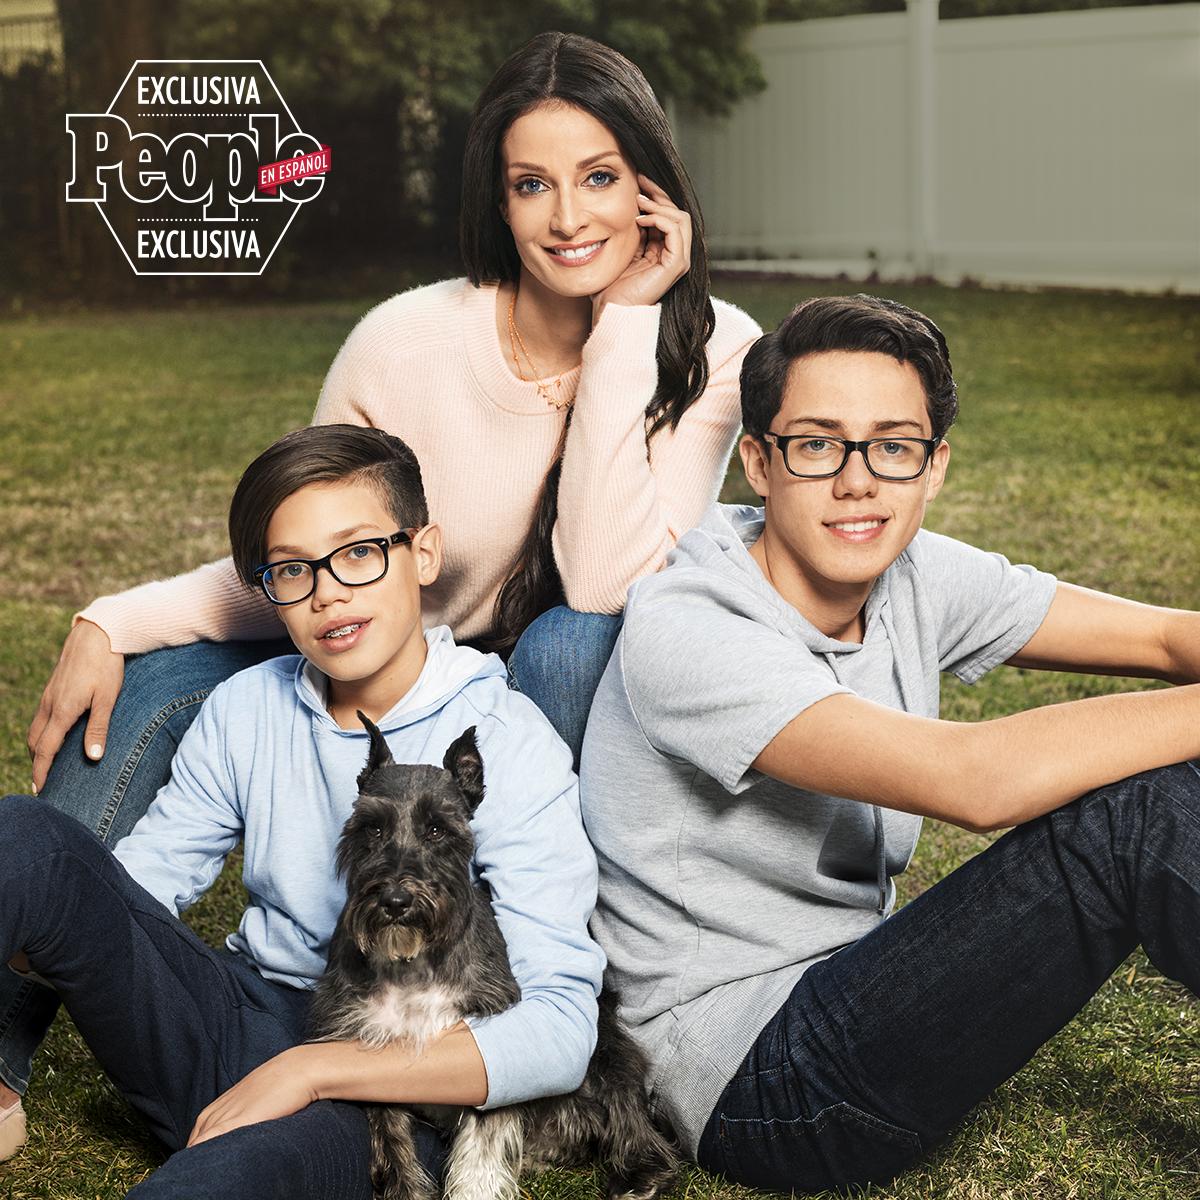 Dayanara Torres, Ryan Adrián Muñiz, Cristian Marcus Muñiz